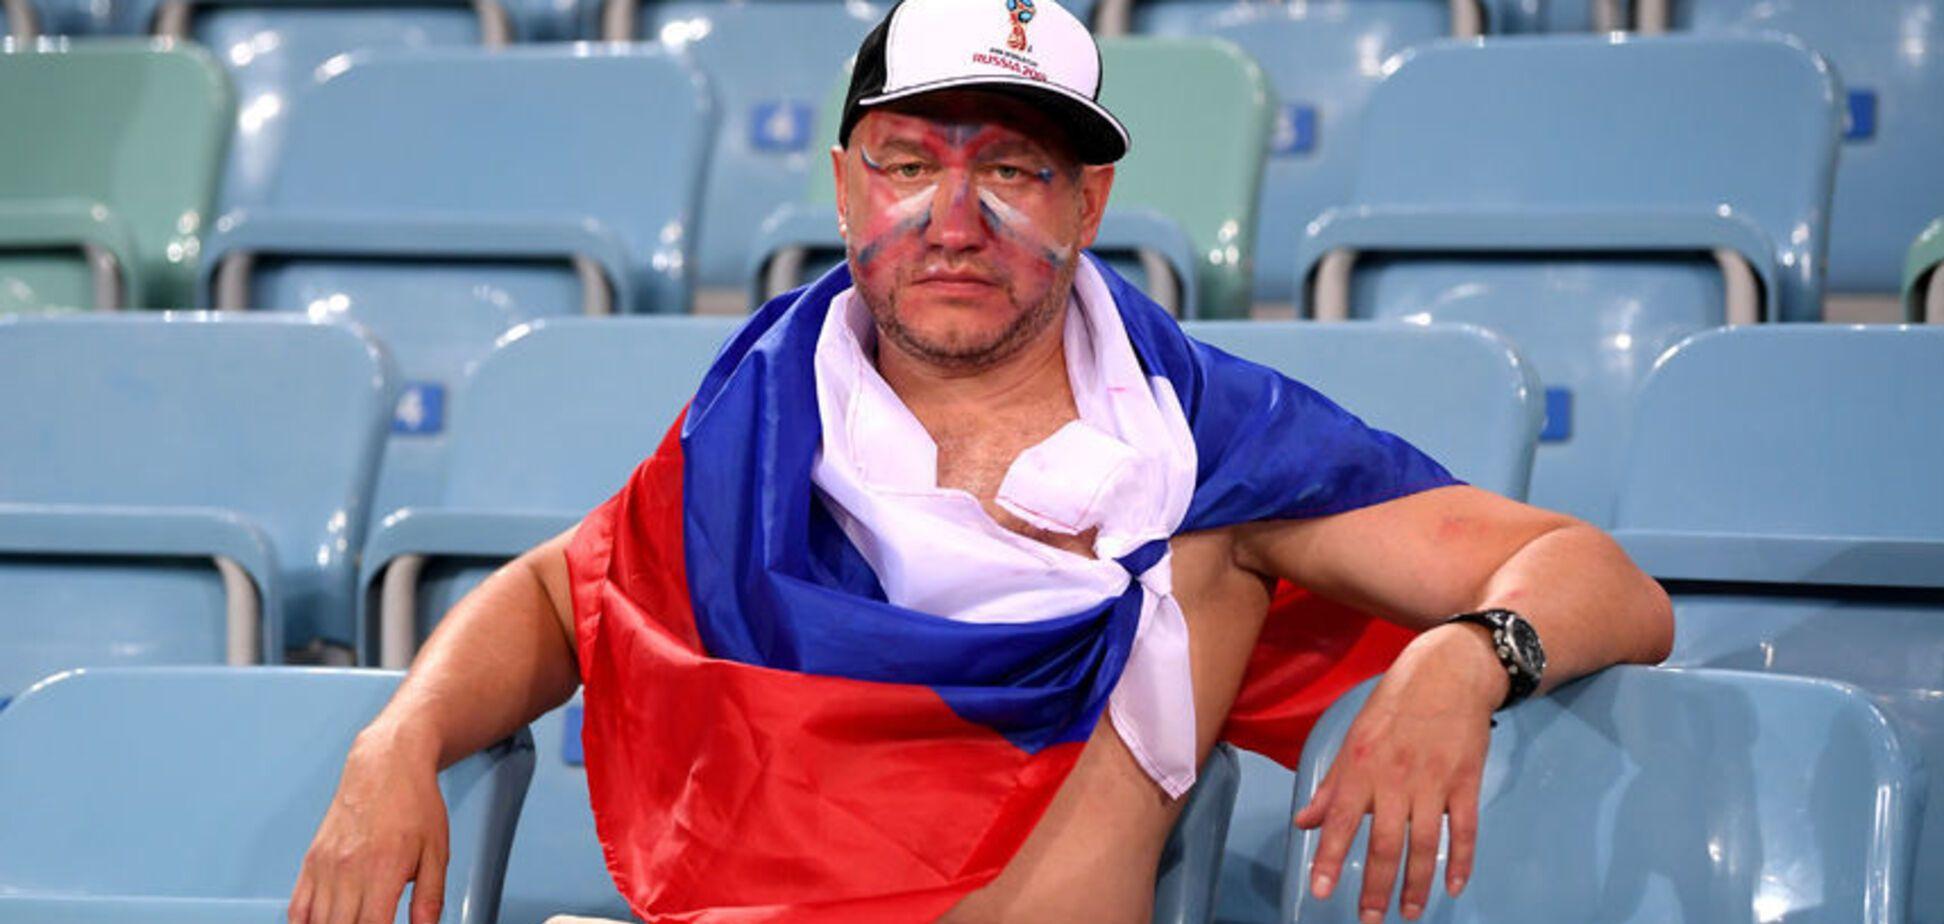 Російських легкоатлетів заборонили пускати на всі змагання